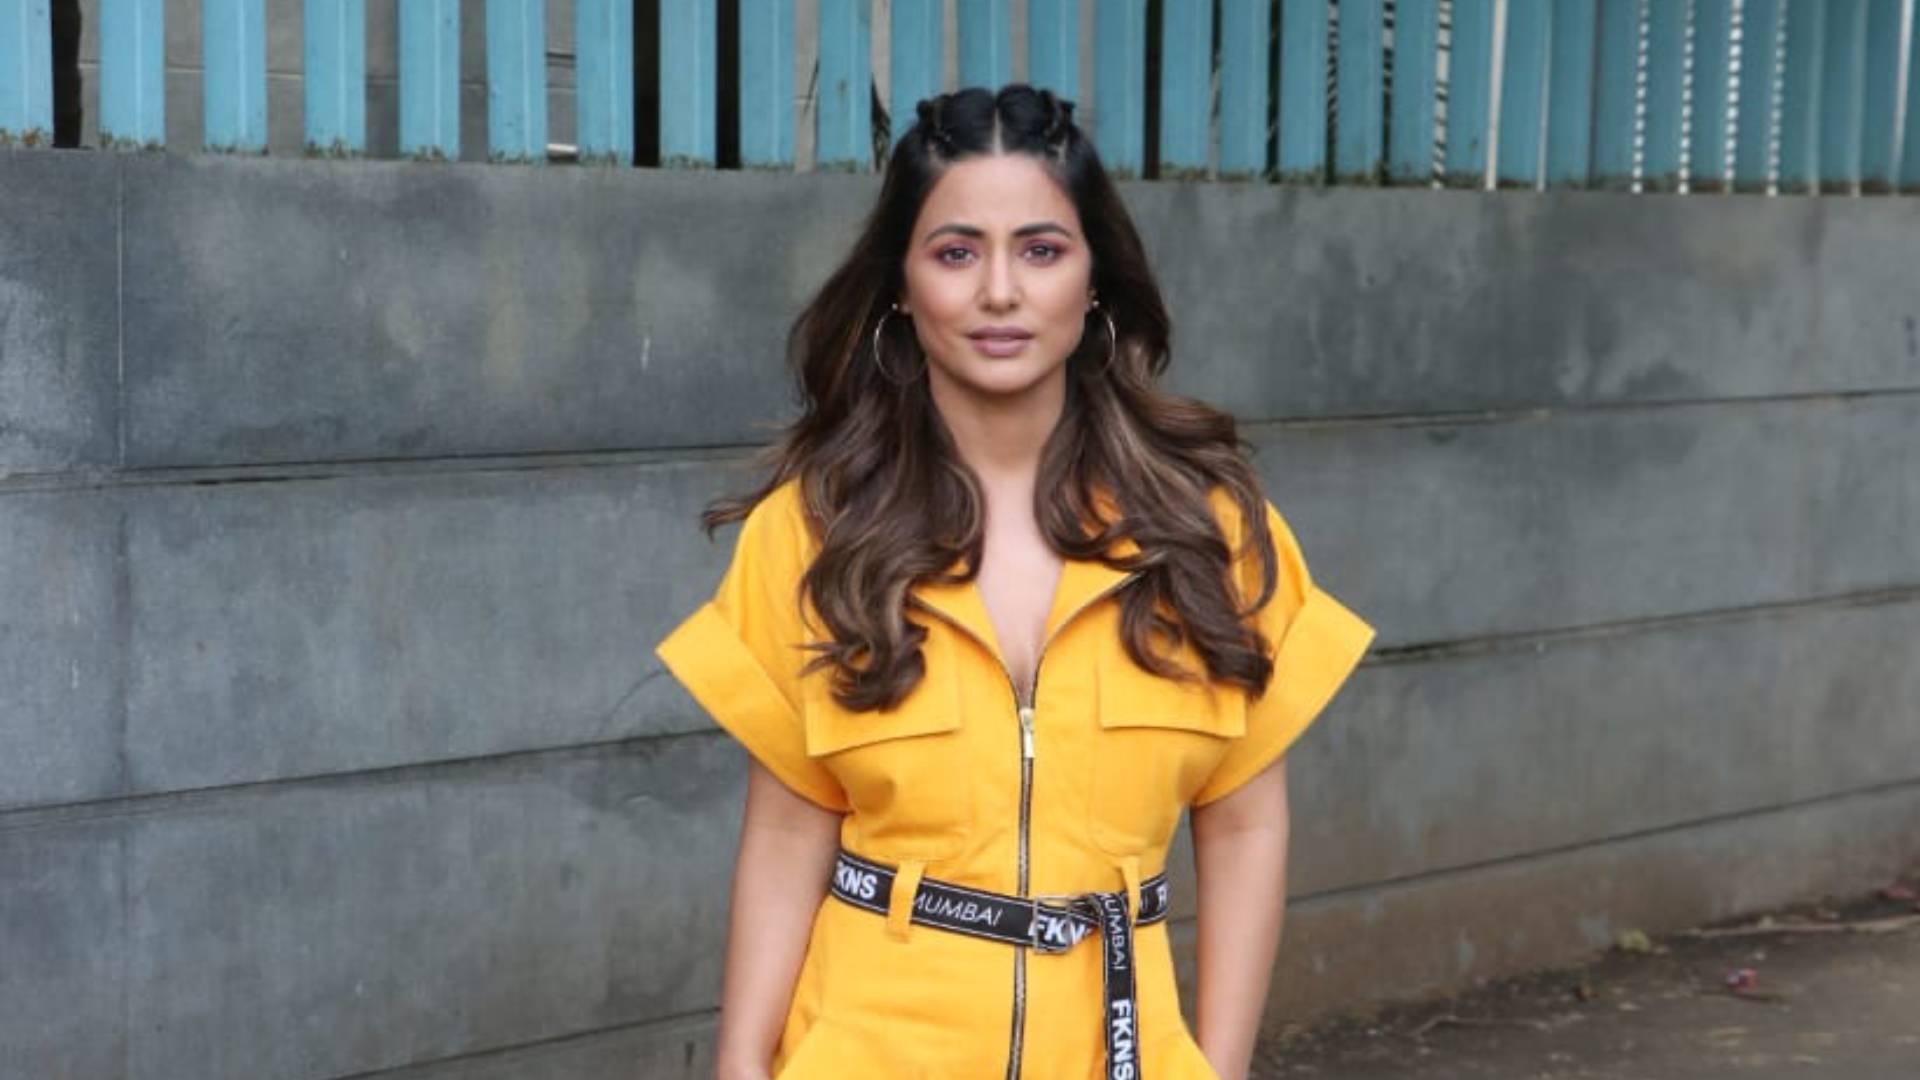 Trending News: प्रियंका चोपड़ा की फैन बनी हिना खान, करण सिंह ग्रोवर ने कसौटी जिंदगी की 2 को कहा अलविदा